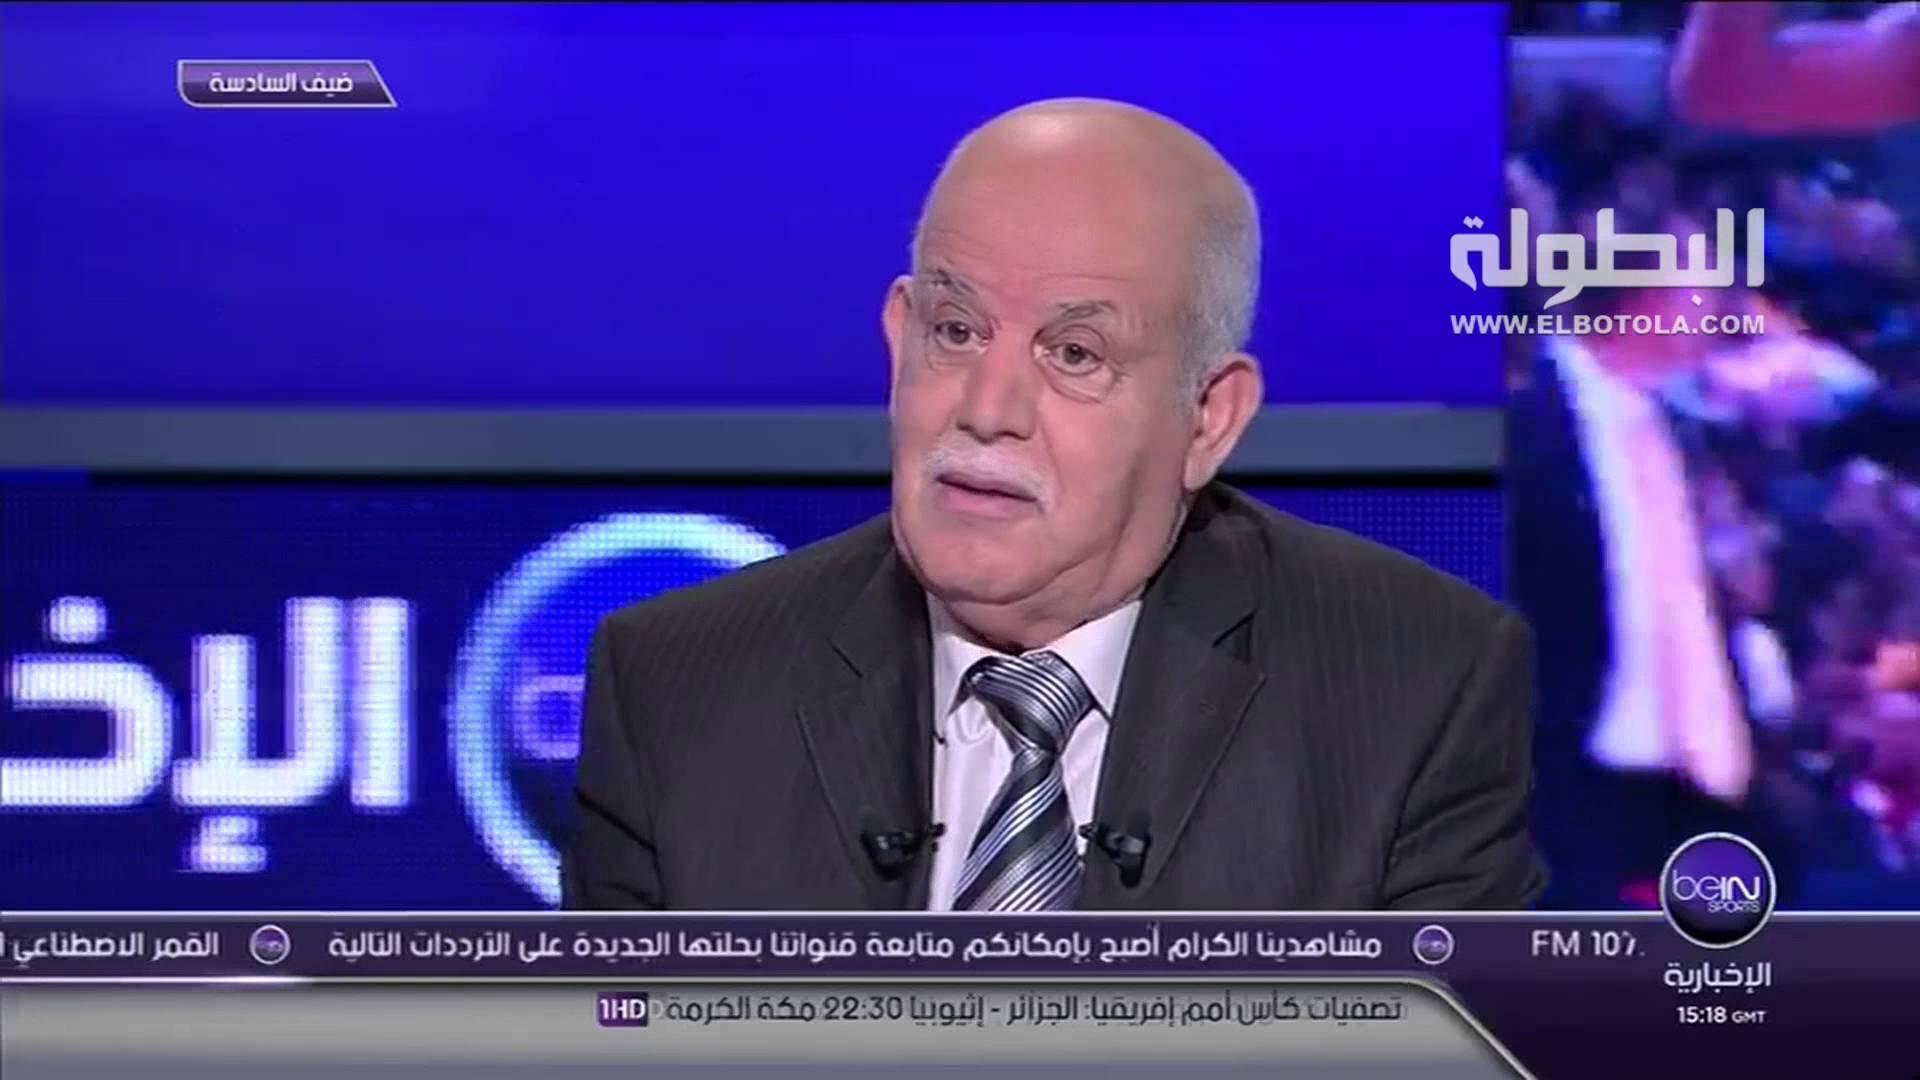 في اليوم الوطني للإعلام ..طنجة تكرم أربعين إسما محفورا في ذاكرة الجمهور المغربي